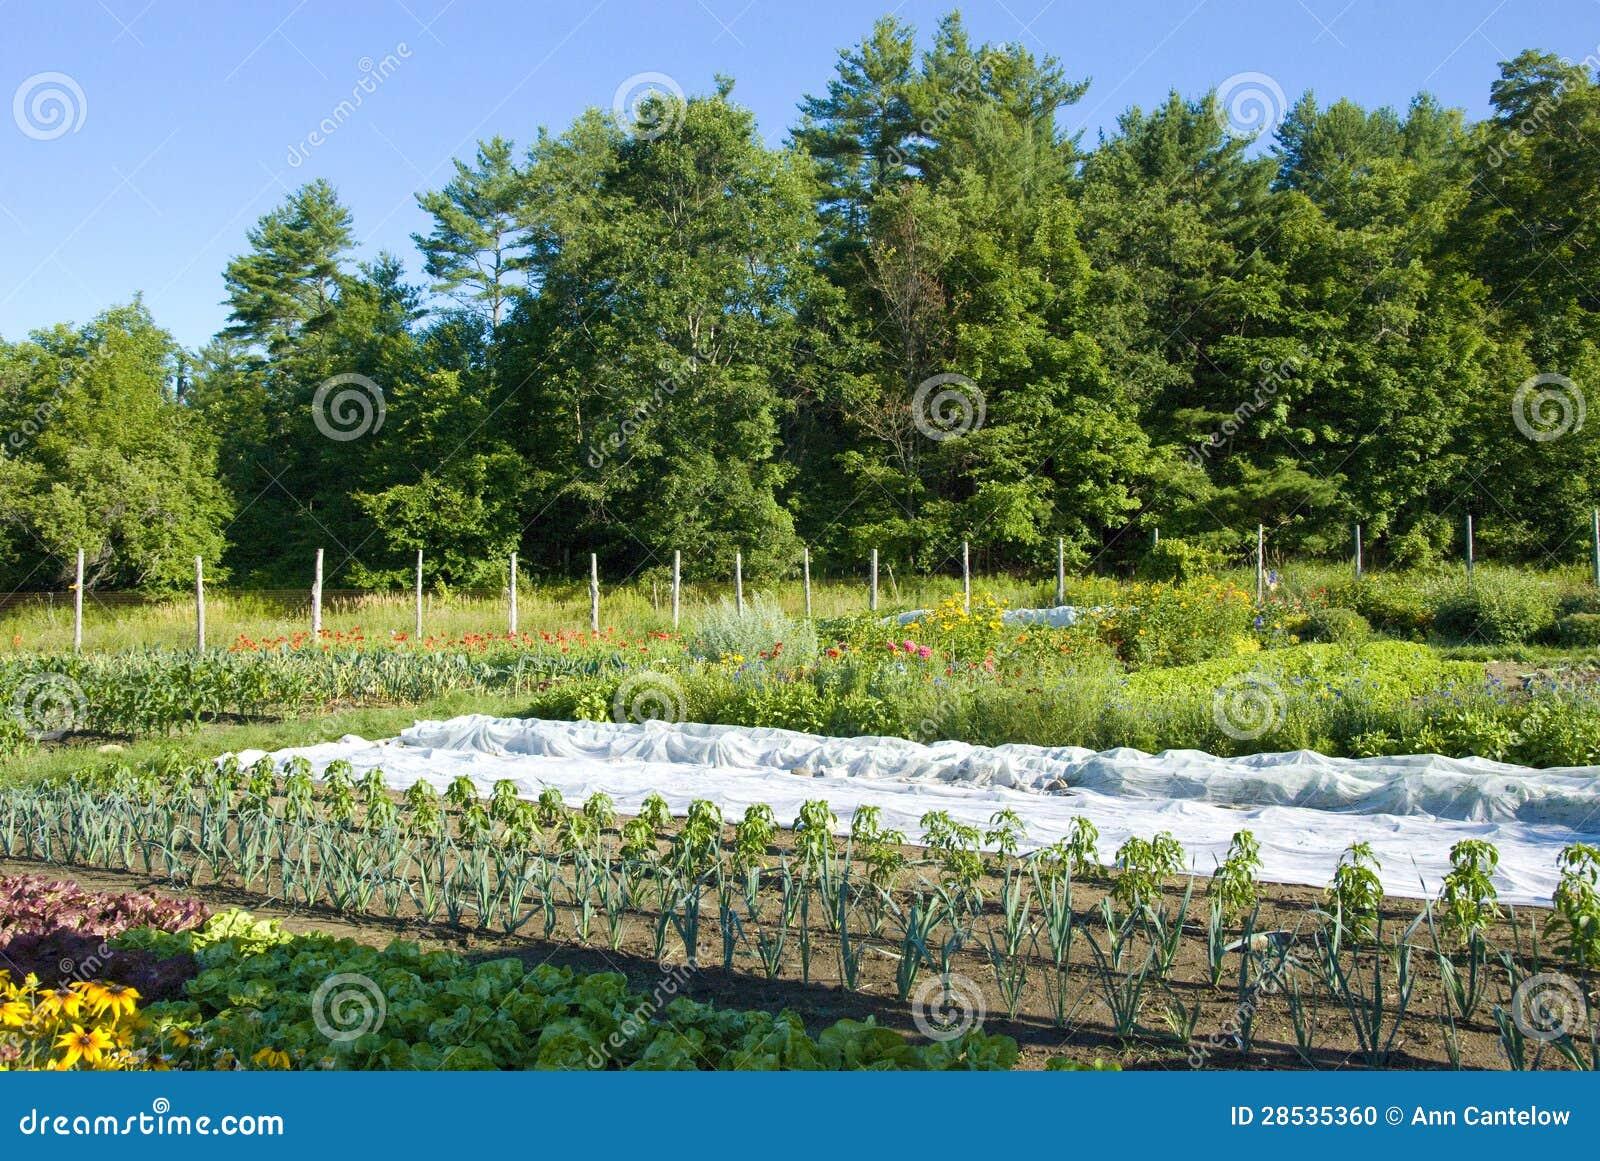 Jeune jardin soigné et rangé